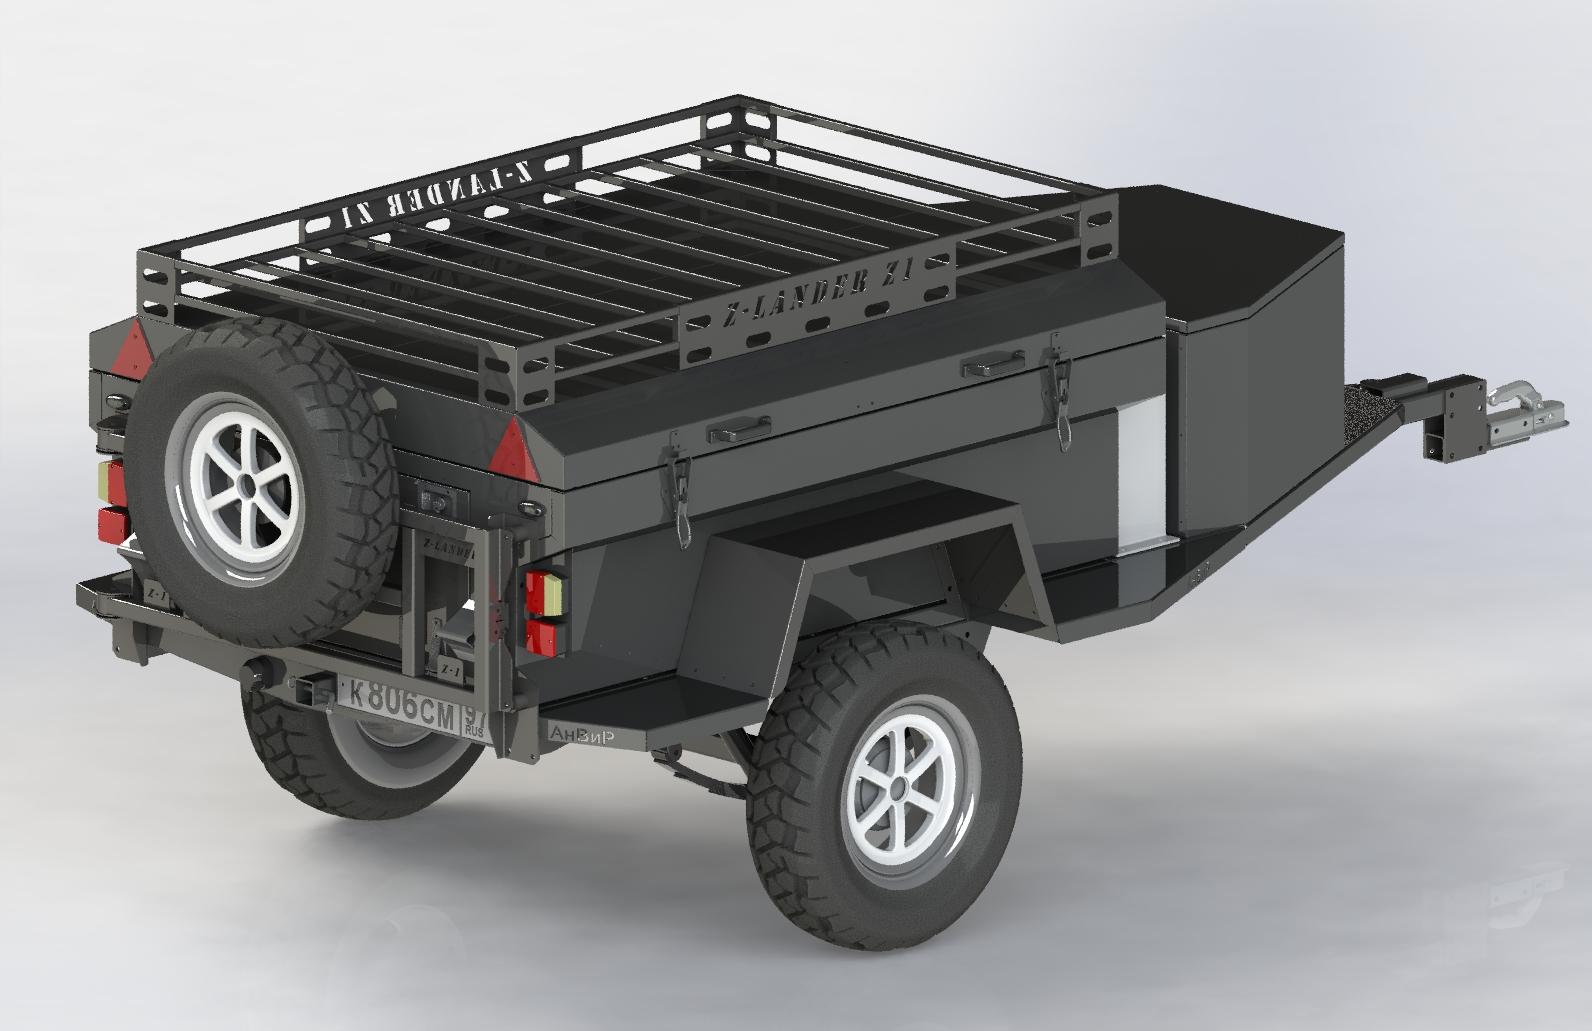 экспедиционный багажник, прицеп для уаз, прицеп авнир, внедорожный прицеп